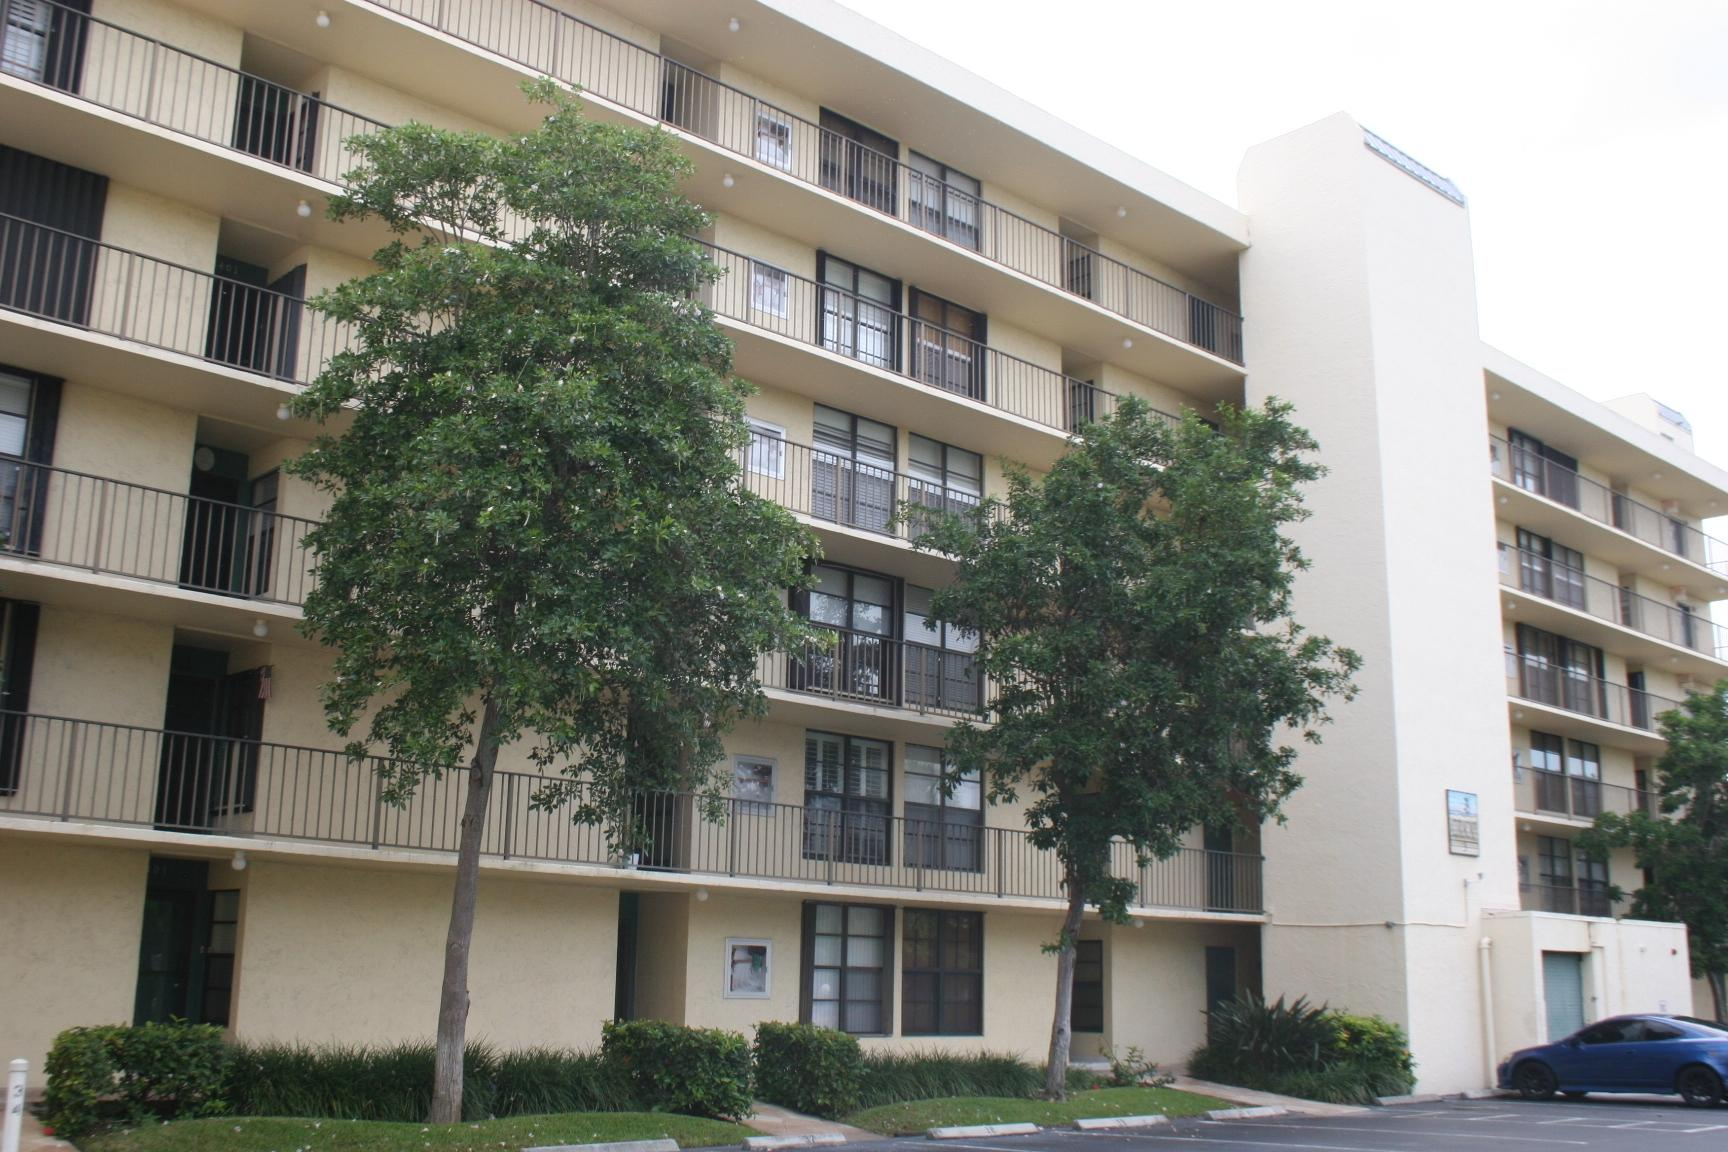 3 Royal Palm Way #2020 Boca Raton, FL 33432